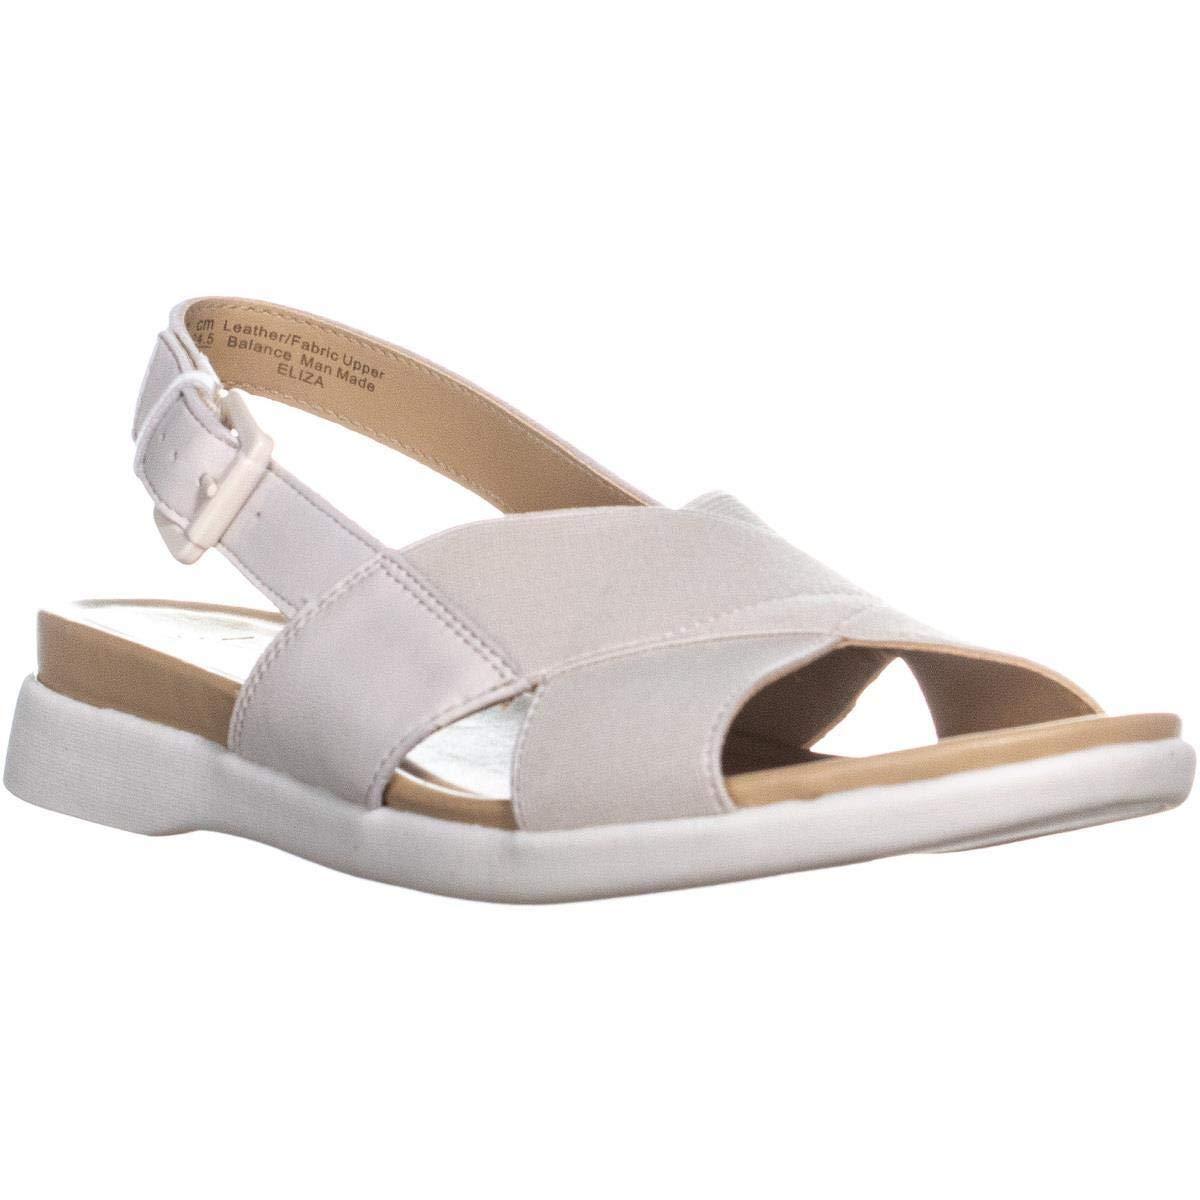 a73235f6d6fd Amazon.com  Naturalizer Women s Eliza Flat Sandal  Shoes